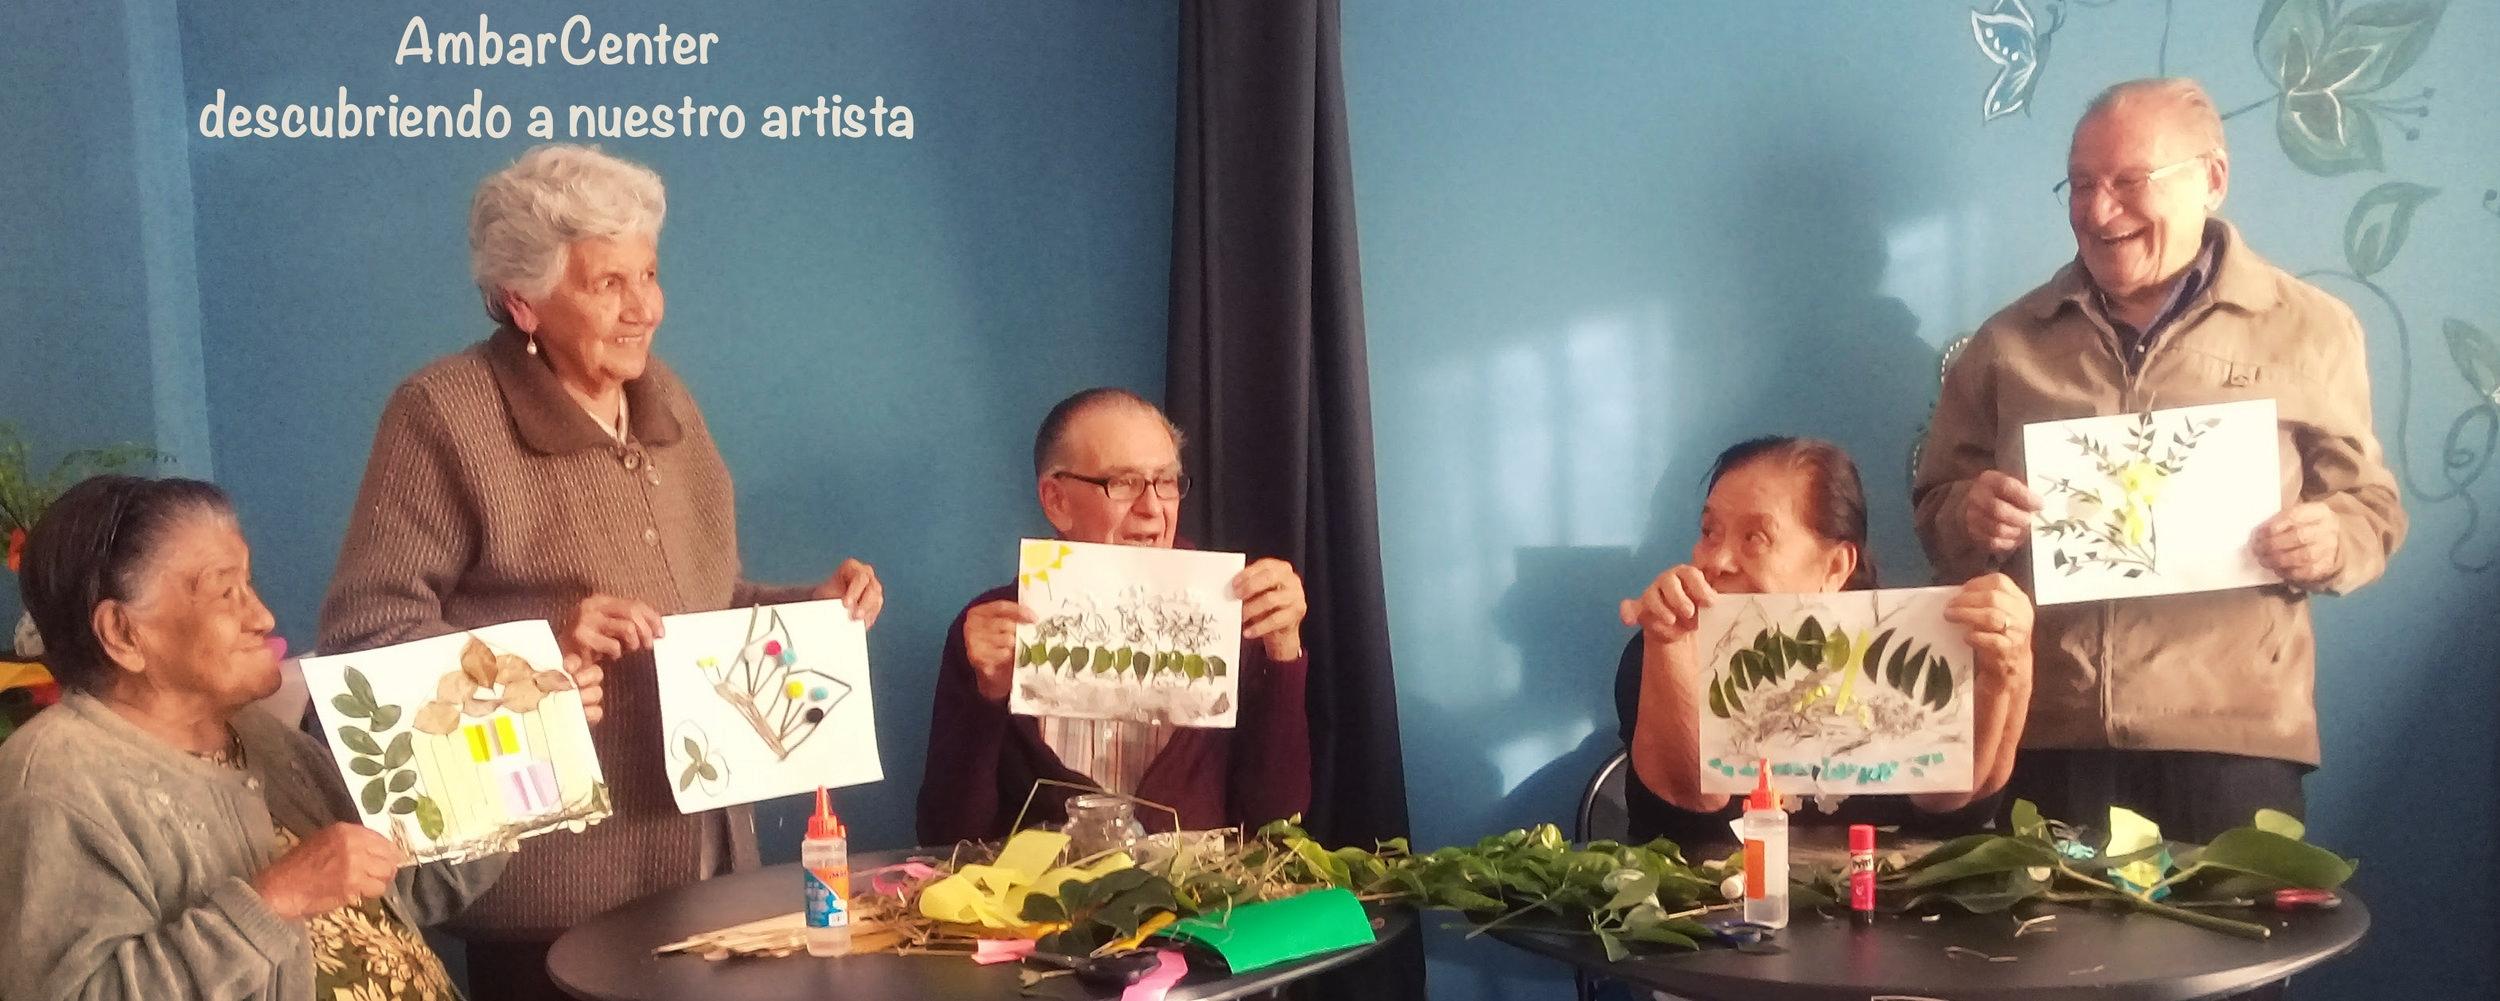 Un centro de día que ayuda a los mayores a descubrirse artístas…